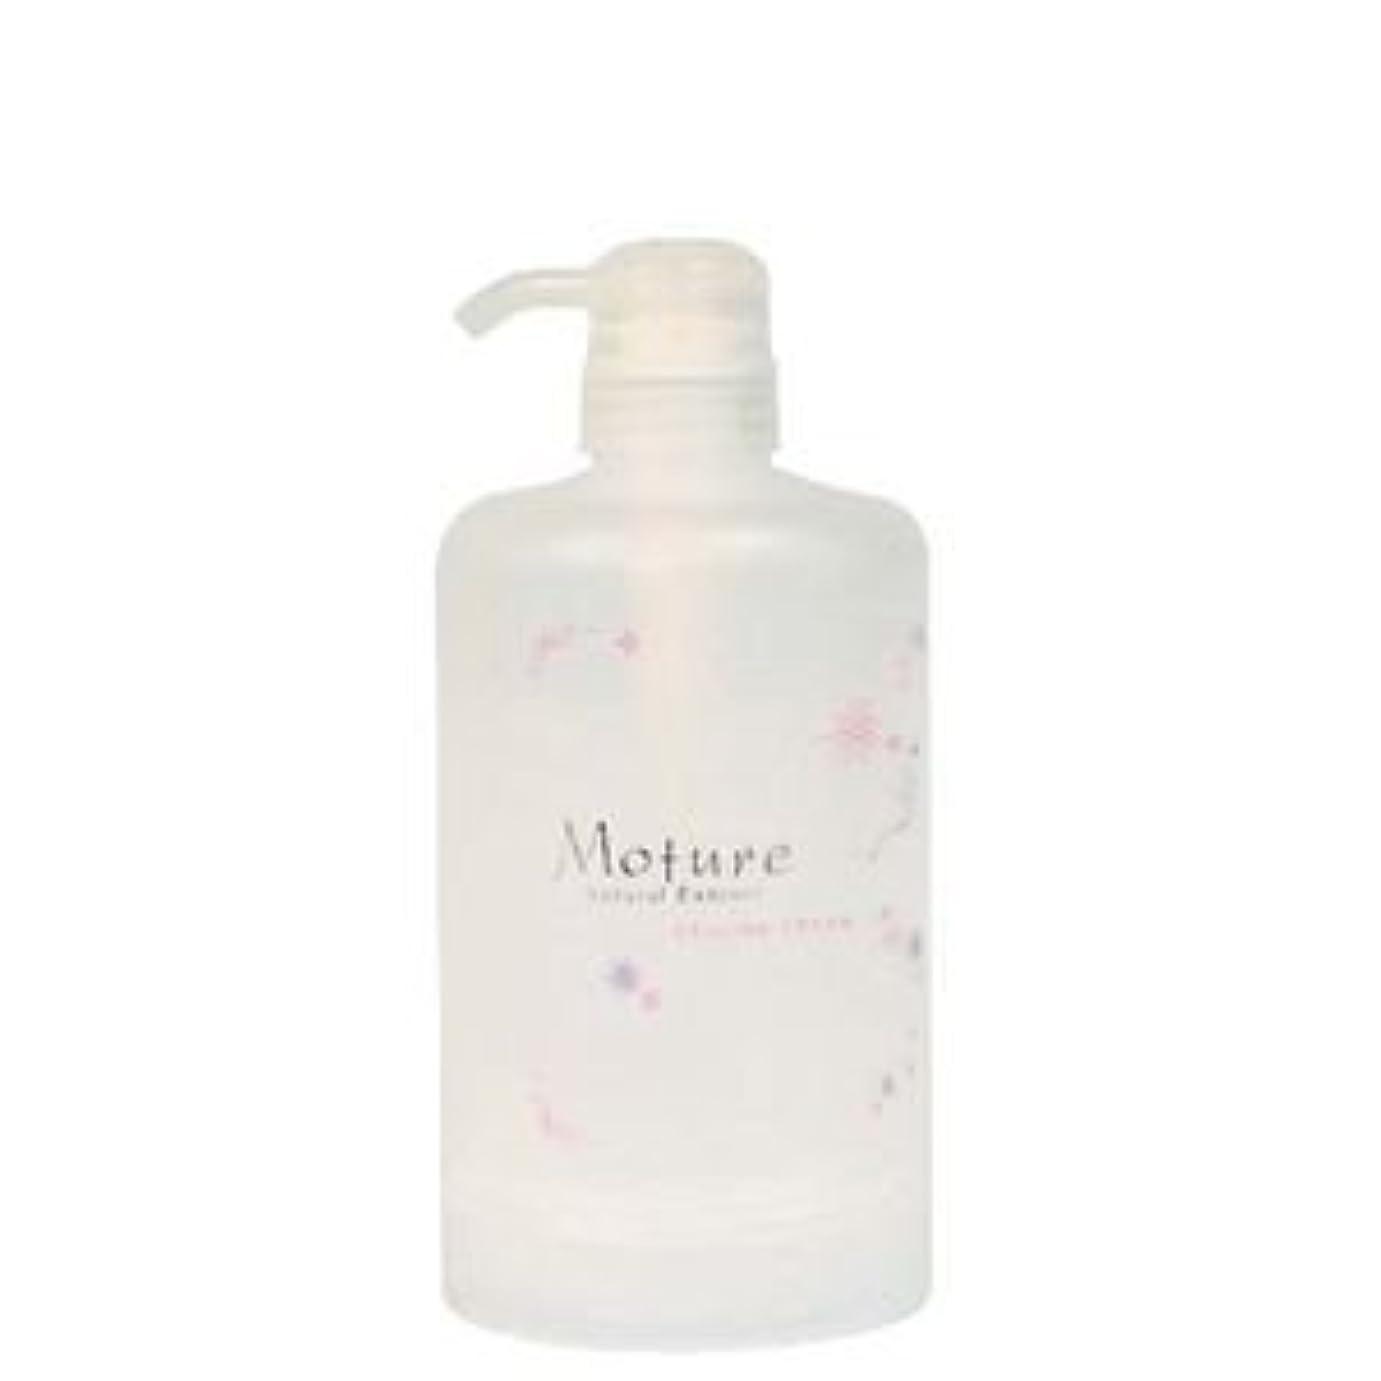 部屋を掃除する優先可塑性フォードヘア化粧品 モチュレ 専用ボトル500g